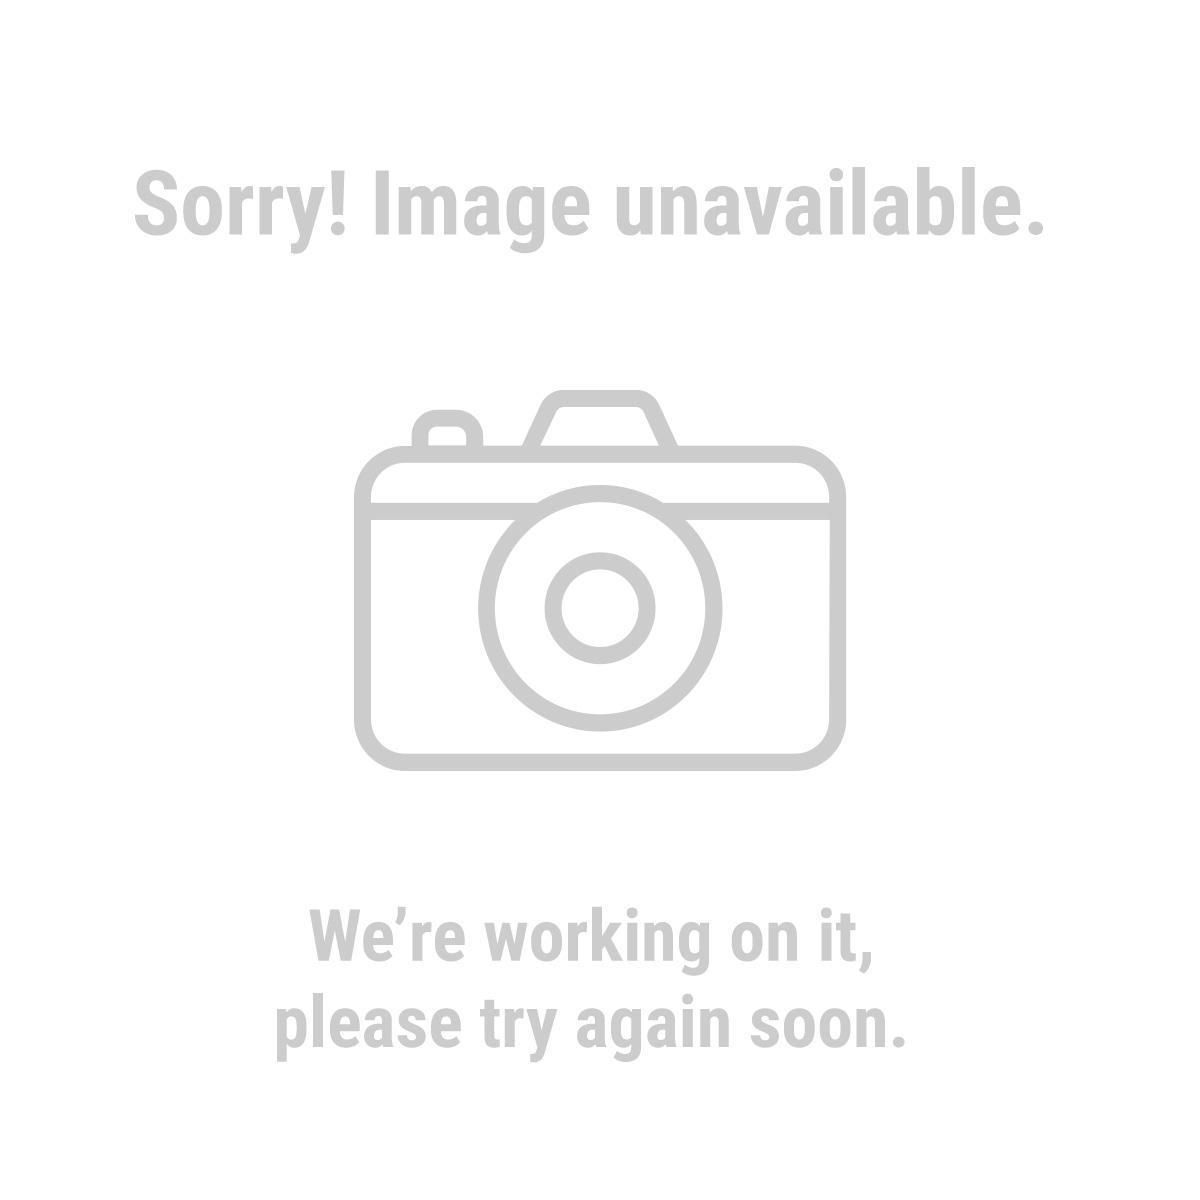 Haul-Master® 92655 500 lb. Aluminum Cargo Carrier